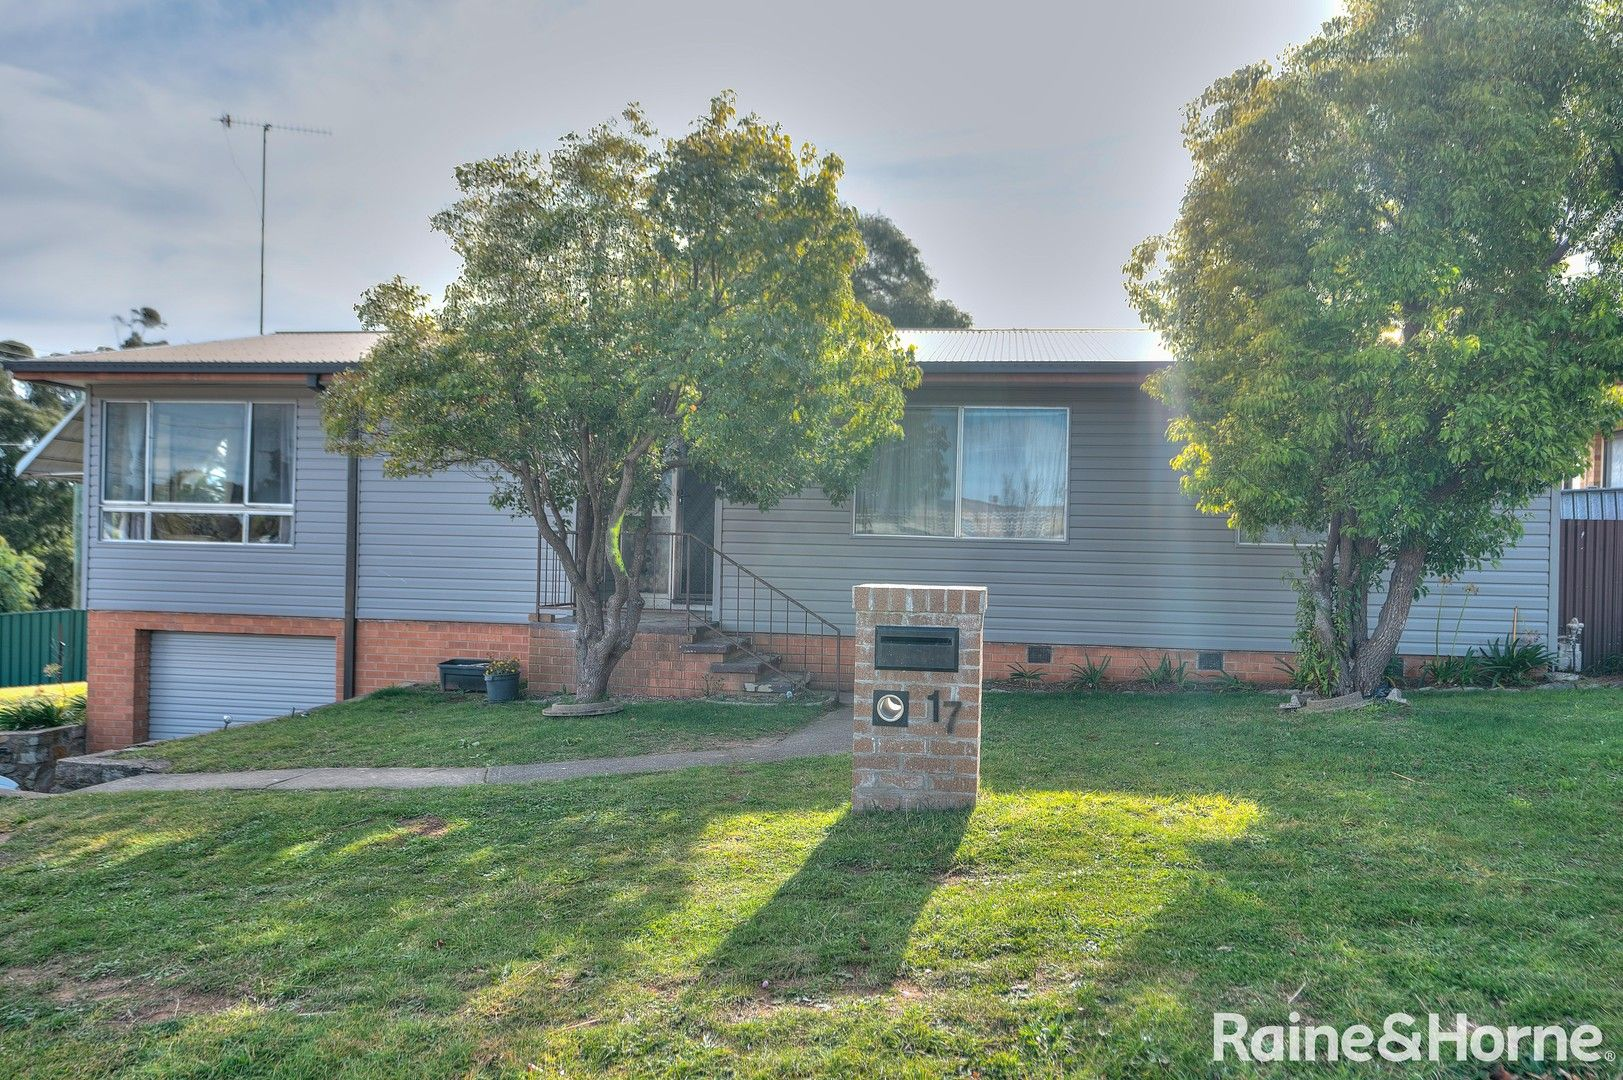 17 Bennett Street, Goulburn NSW 2580, Image 0